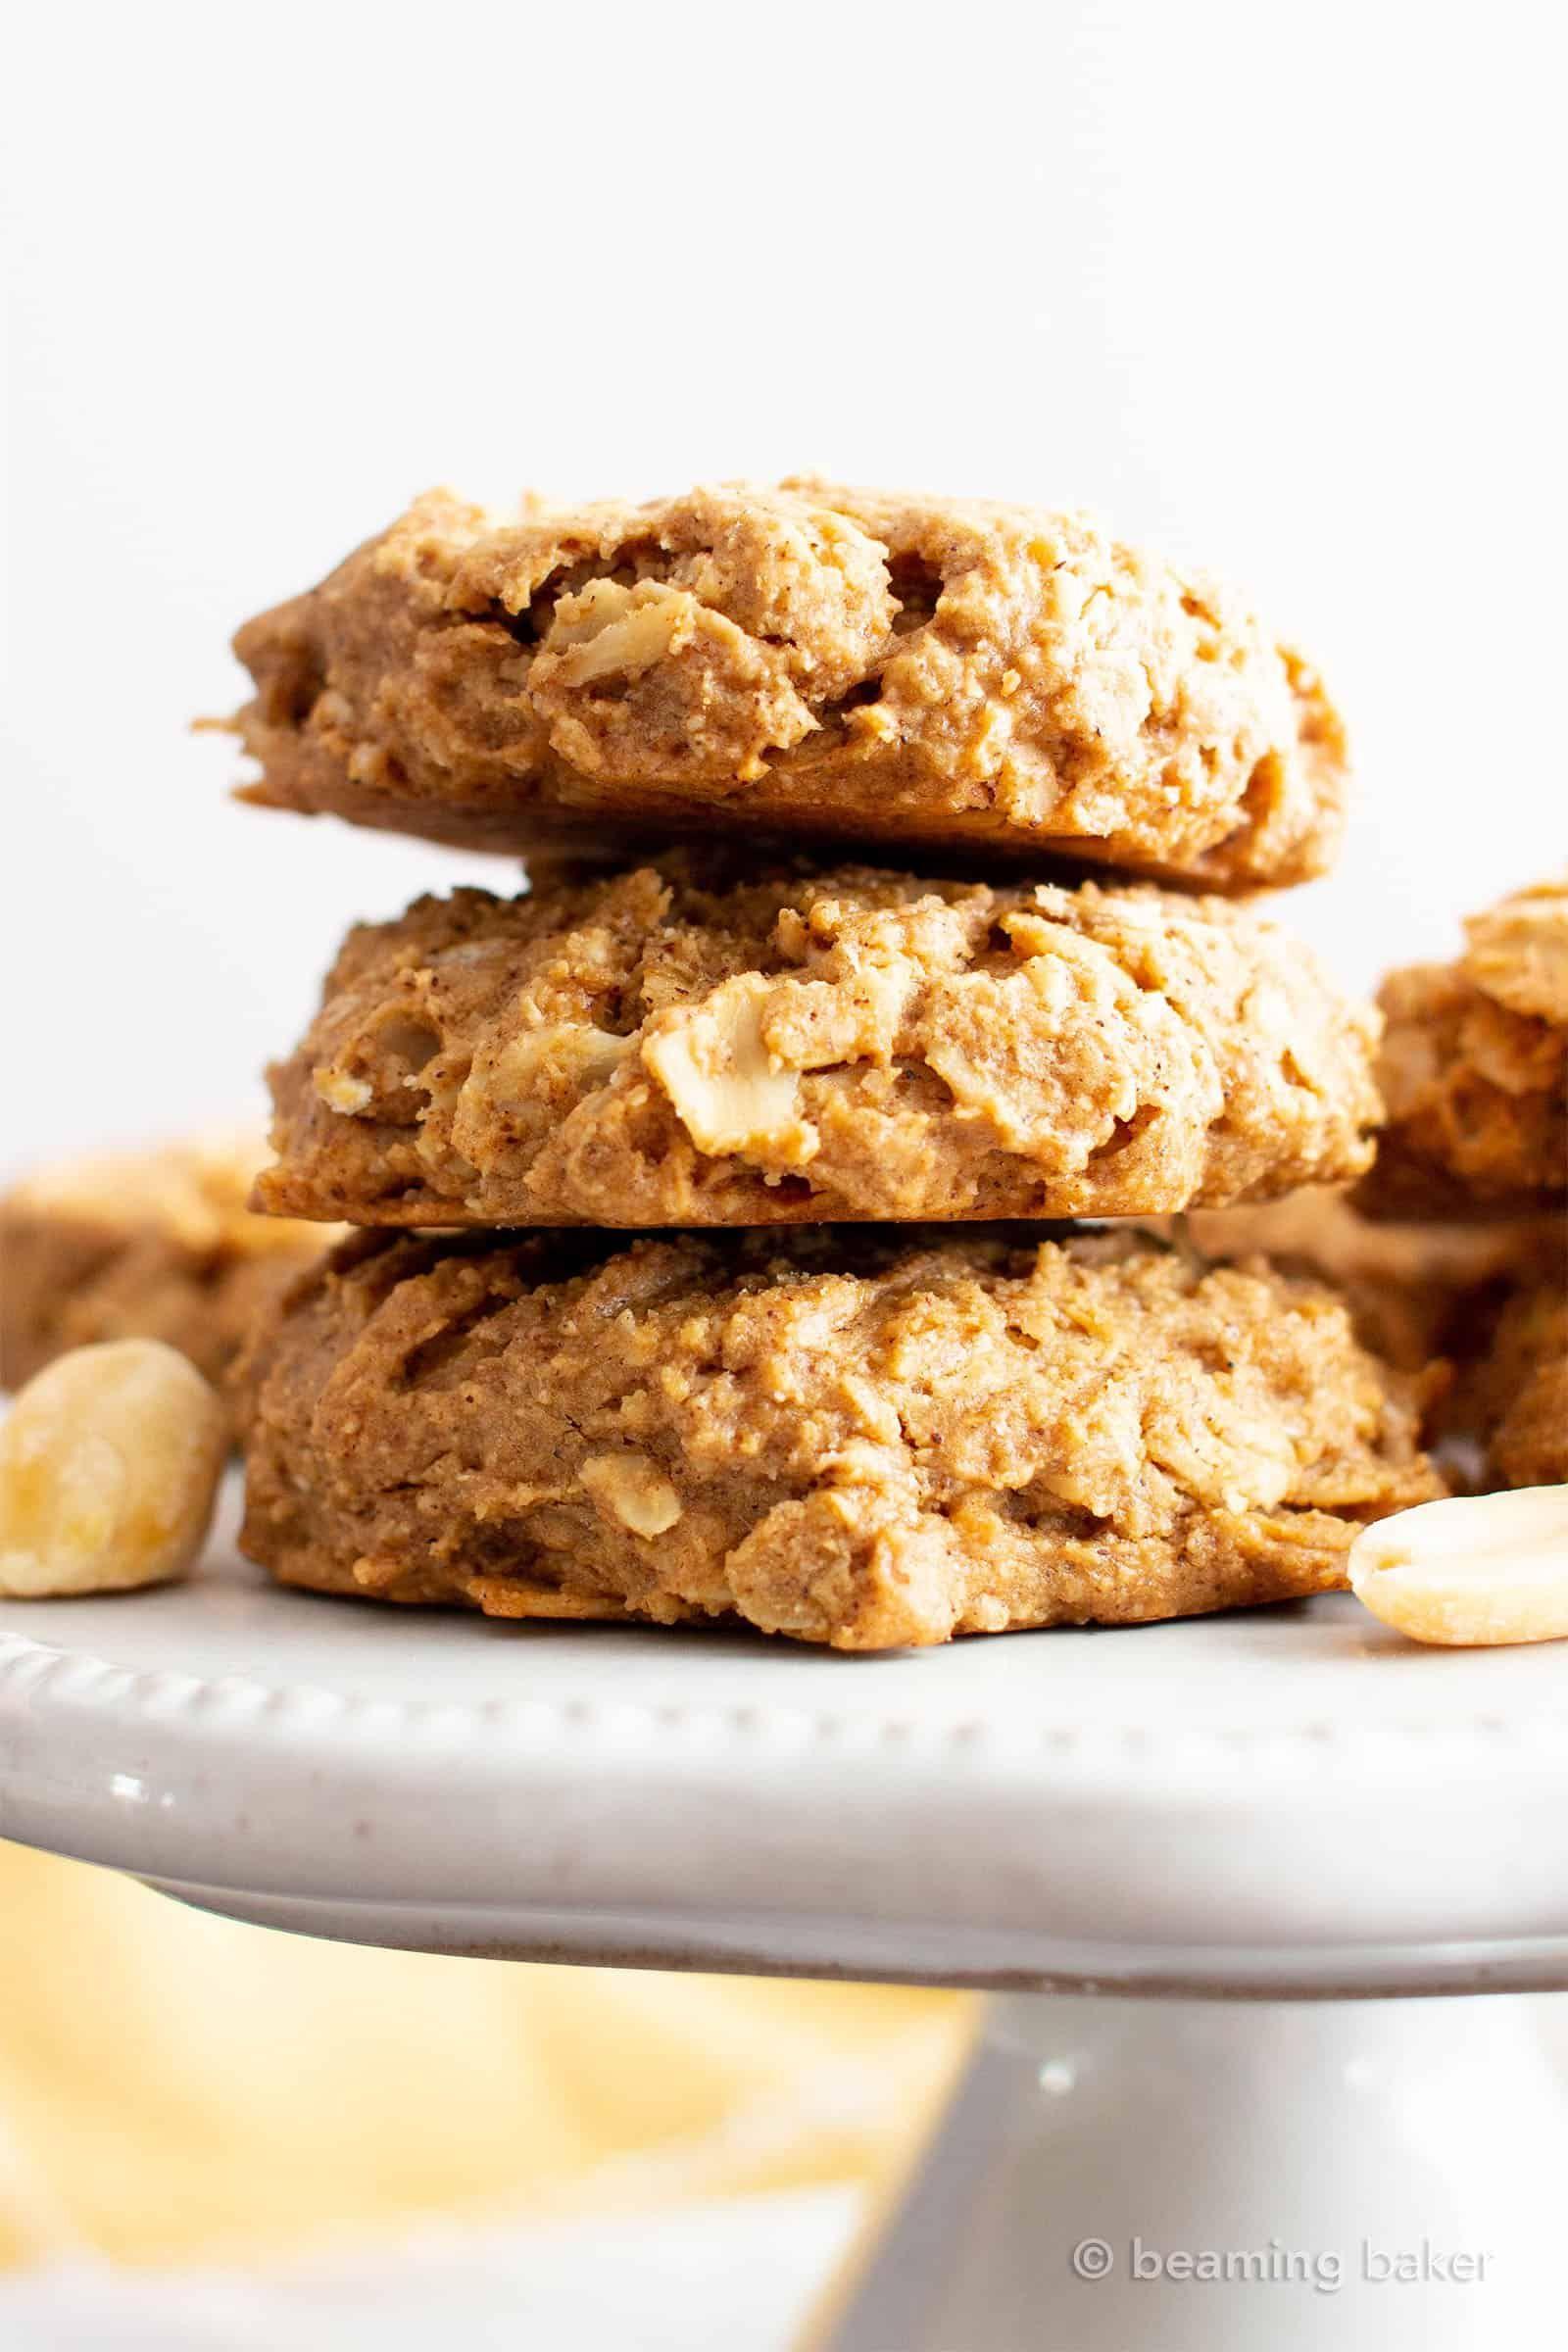 Oil Free Peanut Butter Oatmeal Breakfast Cookies V Gf Chewy N Healthy Breakfast Breakfast Cookies Gluten Free Peanut Butter Oatmeal Cookies Vegan Cookies